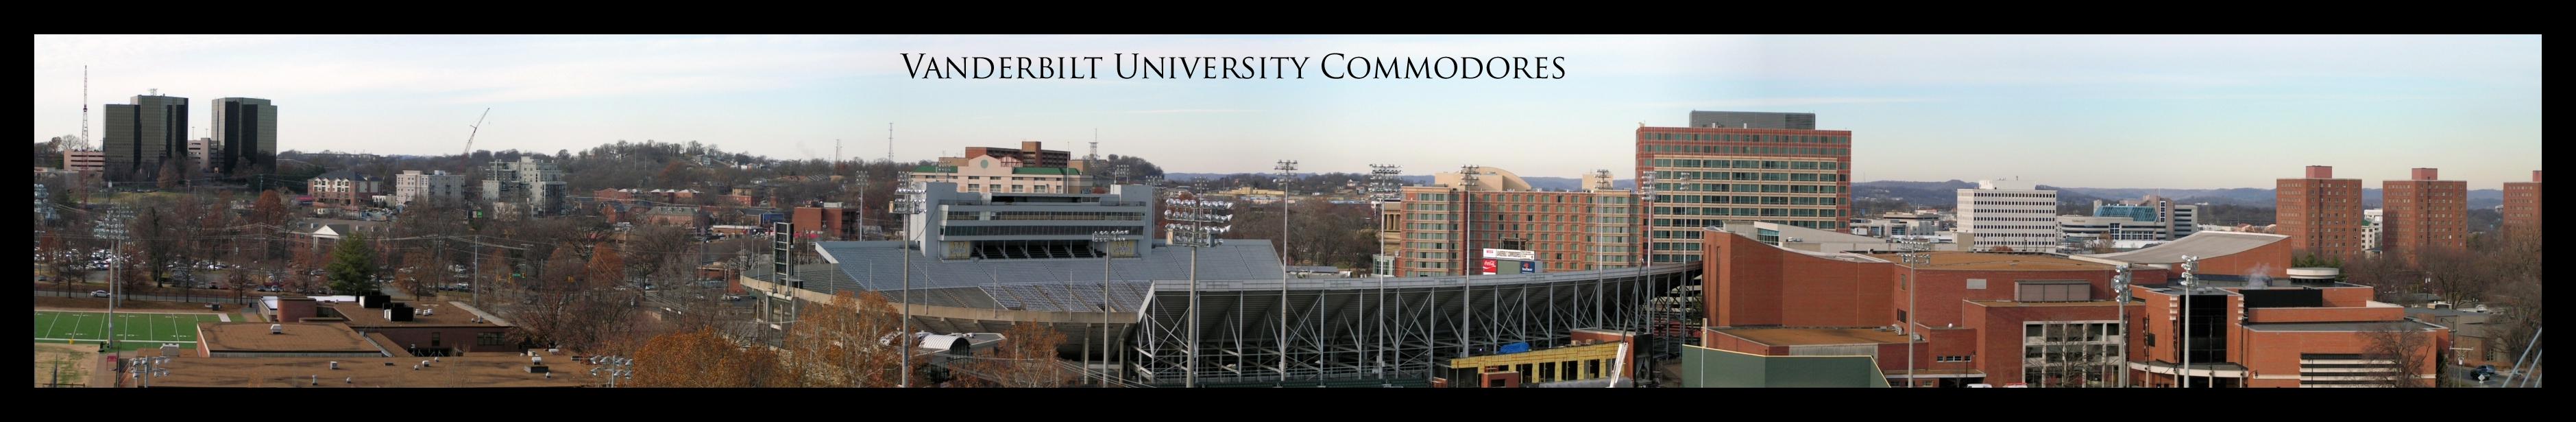 Vanderbilt Sports